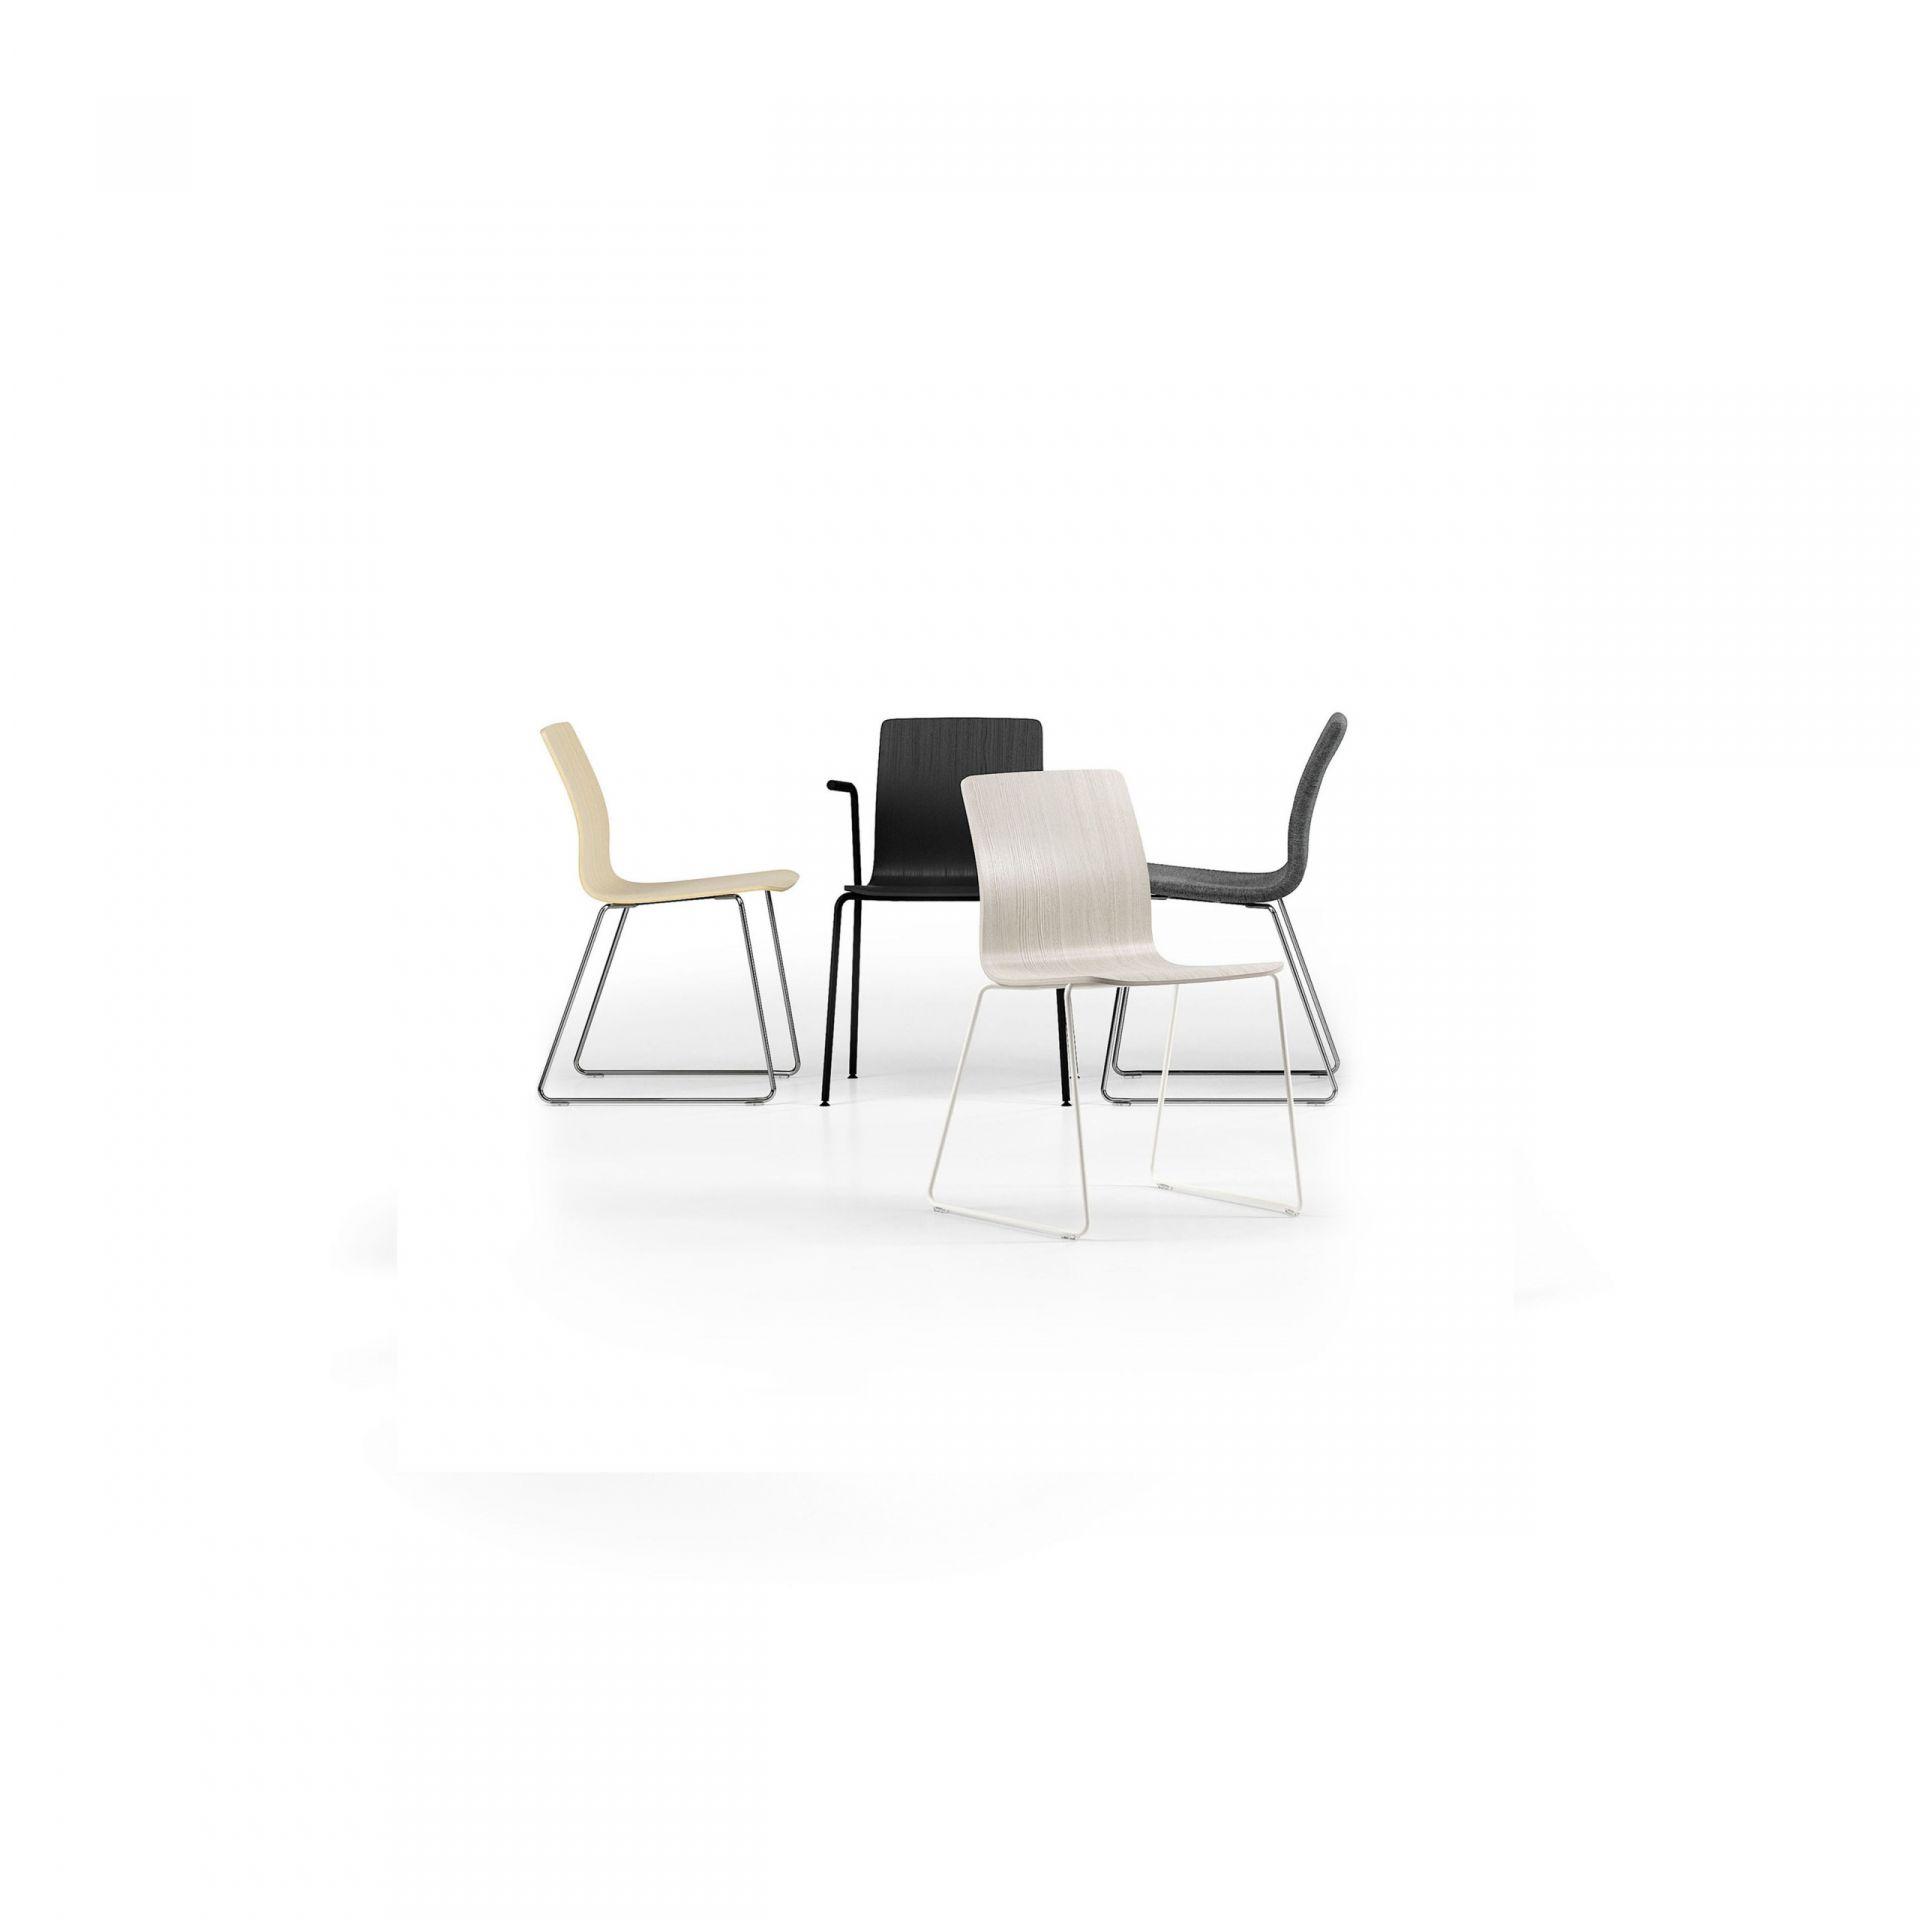 Nova Stol med metallben produktbild 5